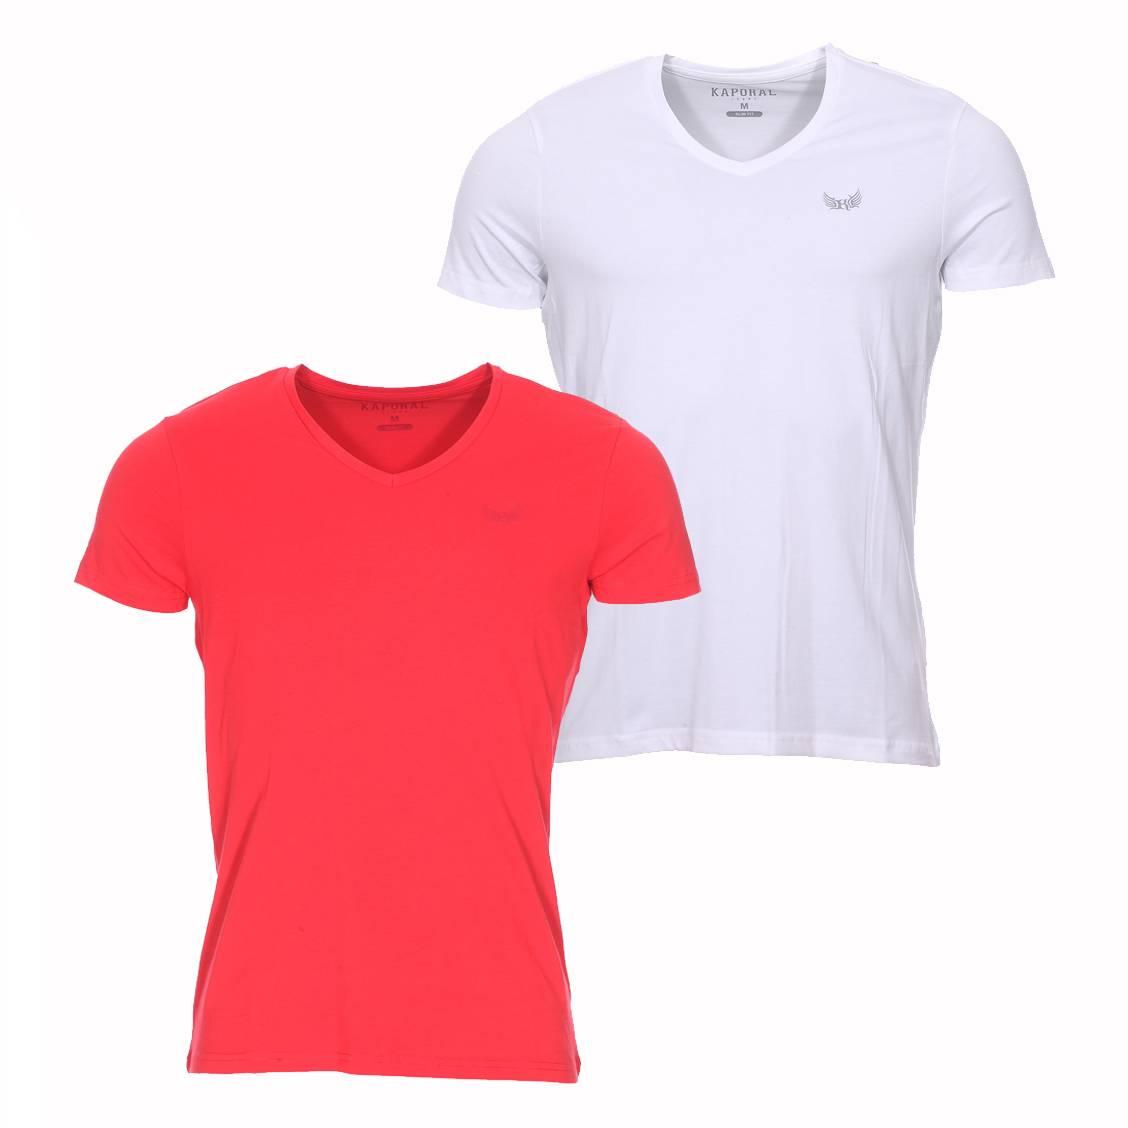 lot de 2 tee shirts col v kaporal rouge et blanc rue des. Black Bedroom Furniture Sets. Home Design Ideas